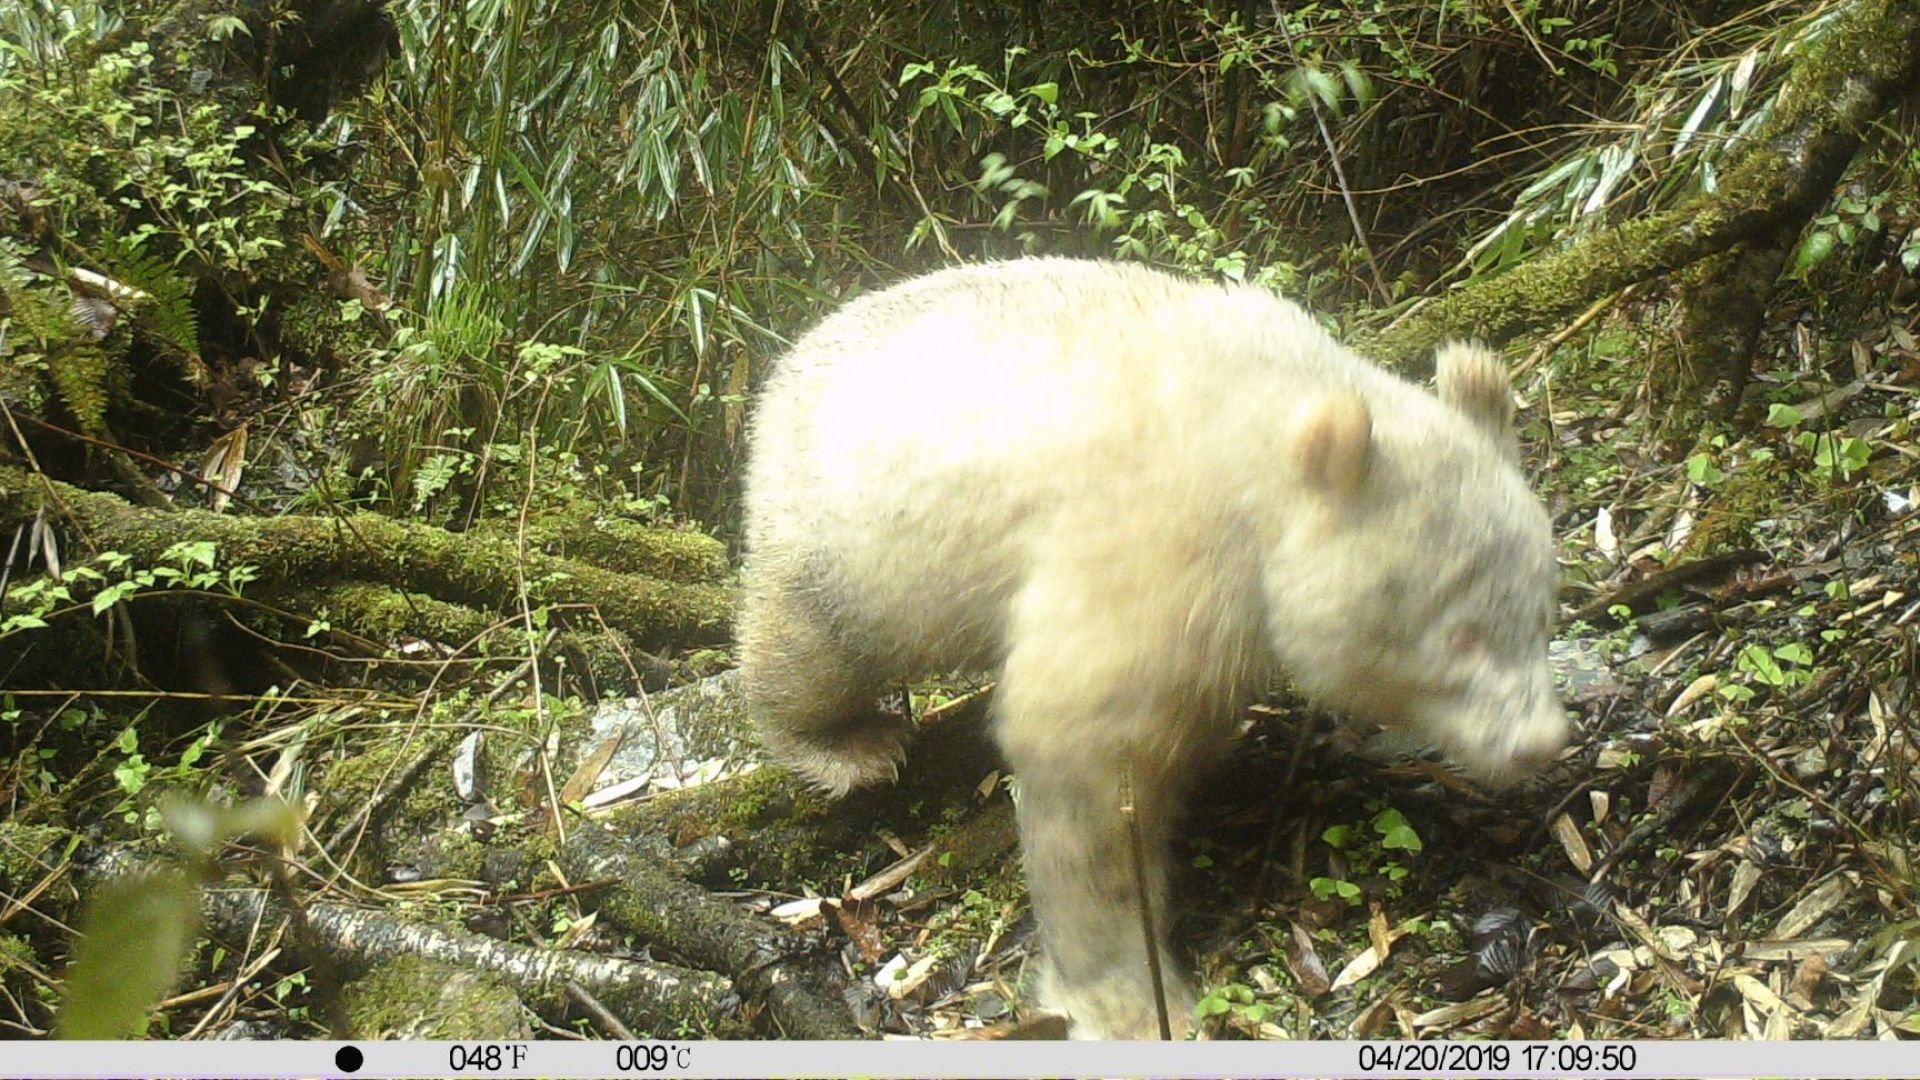 Уникална бяла панда е заснета с камера в природен резерват